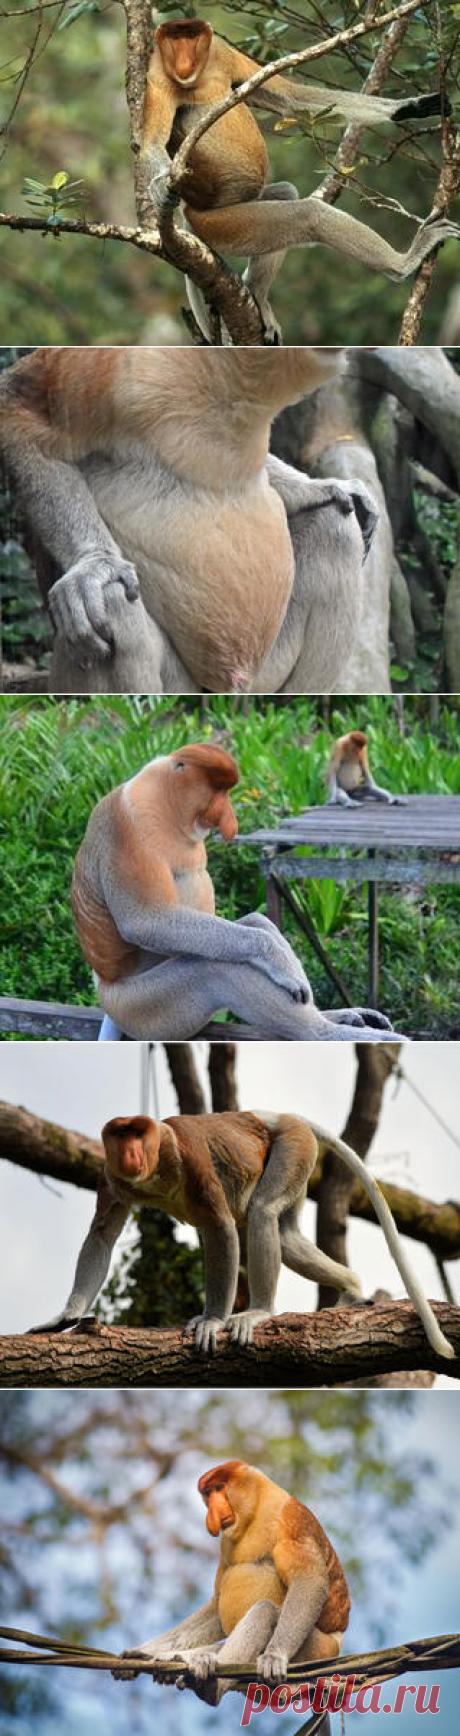 Смотреть изображения носачей | Зооляндия